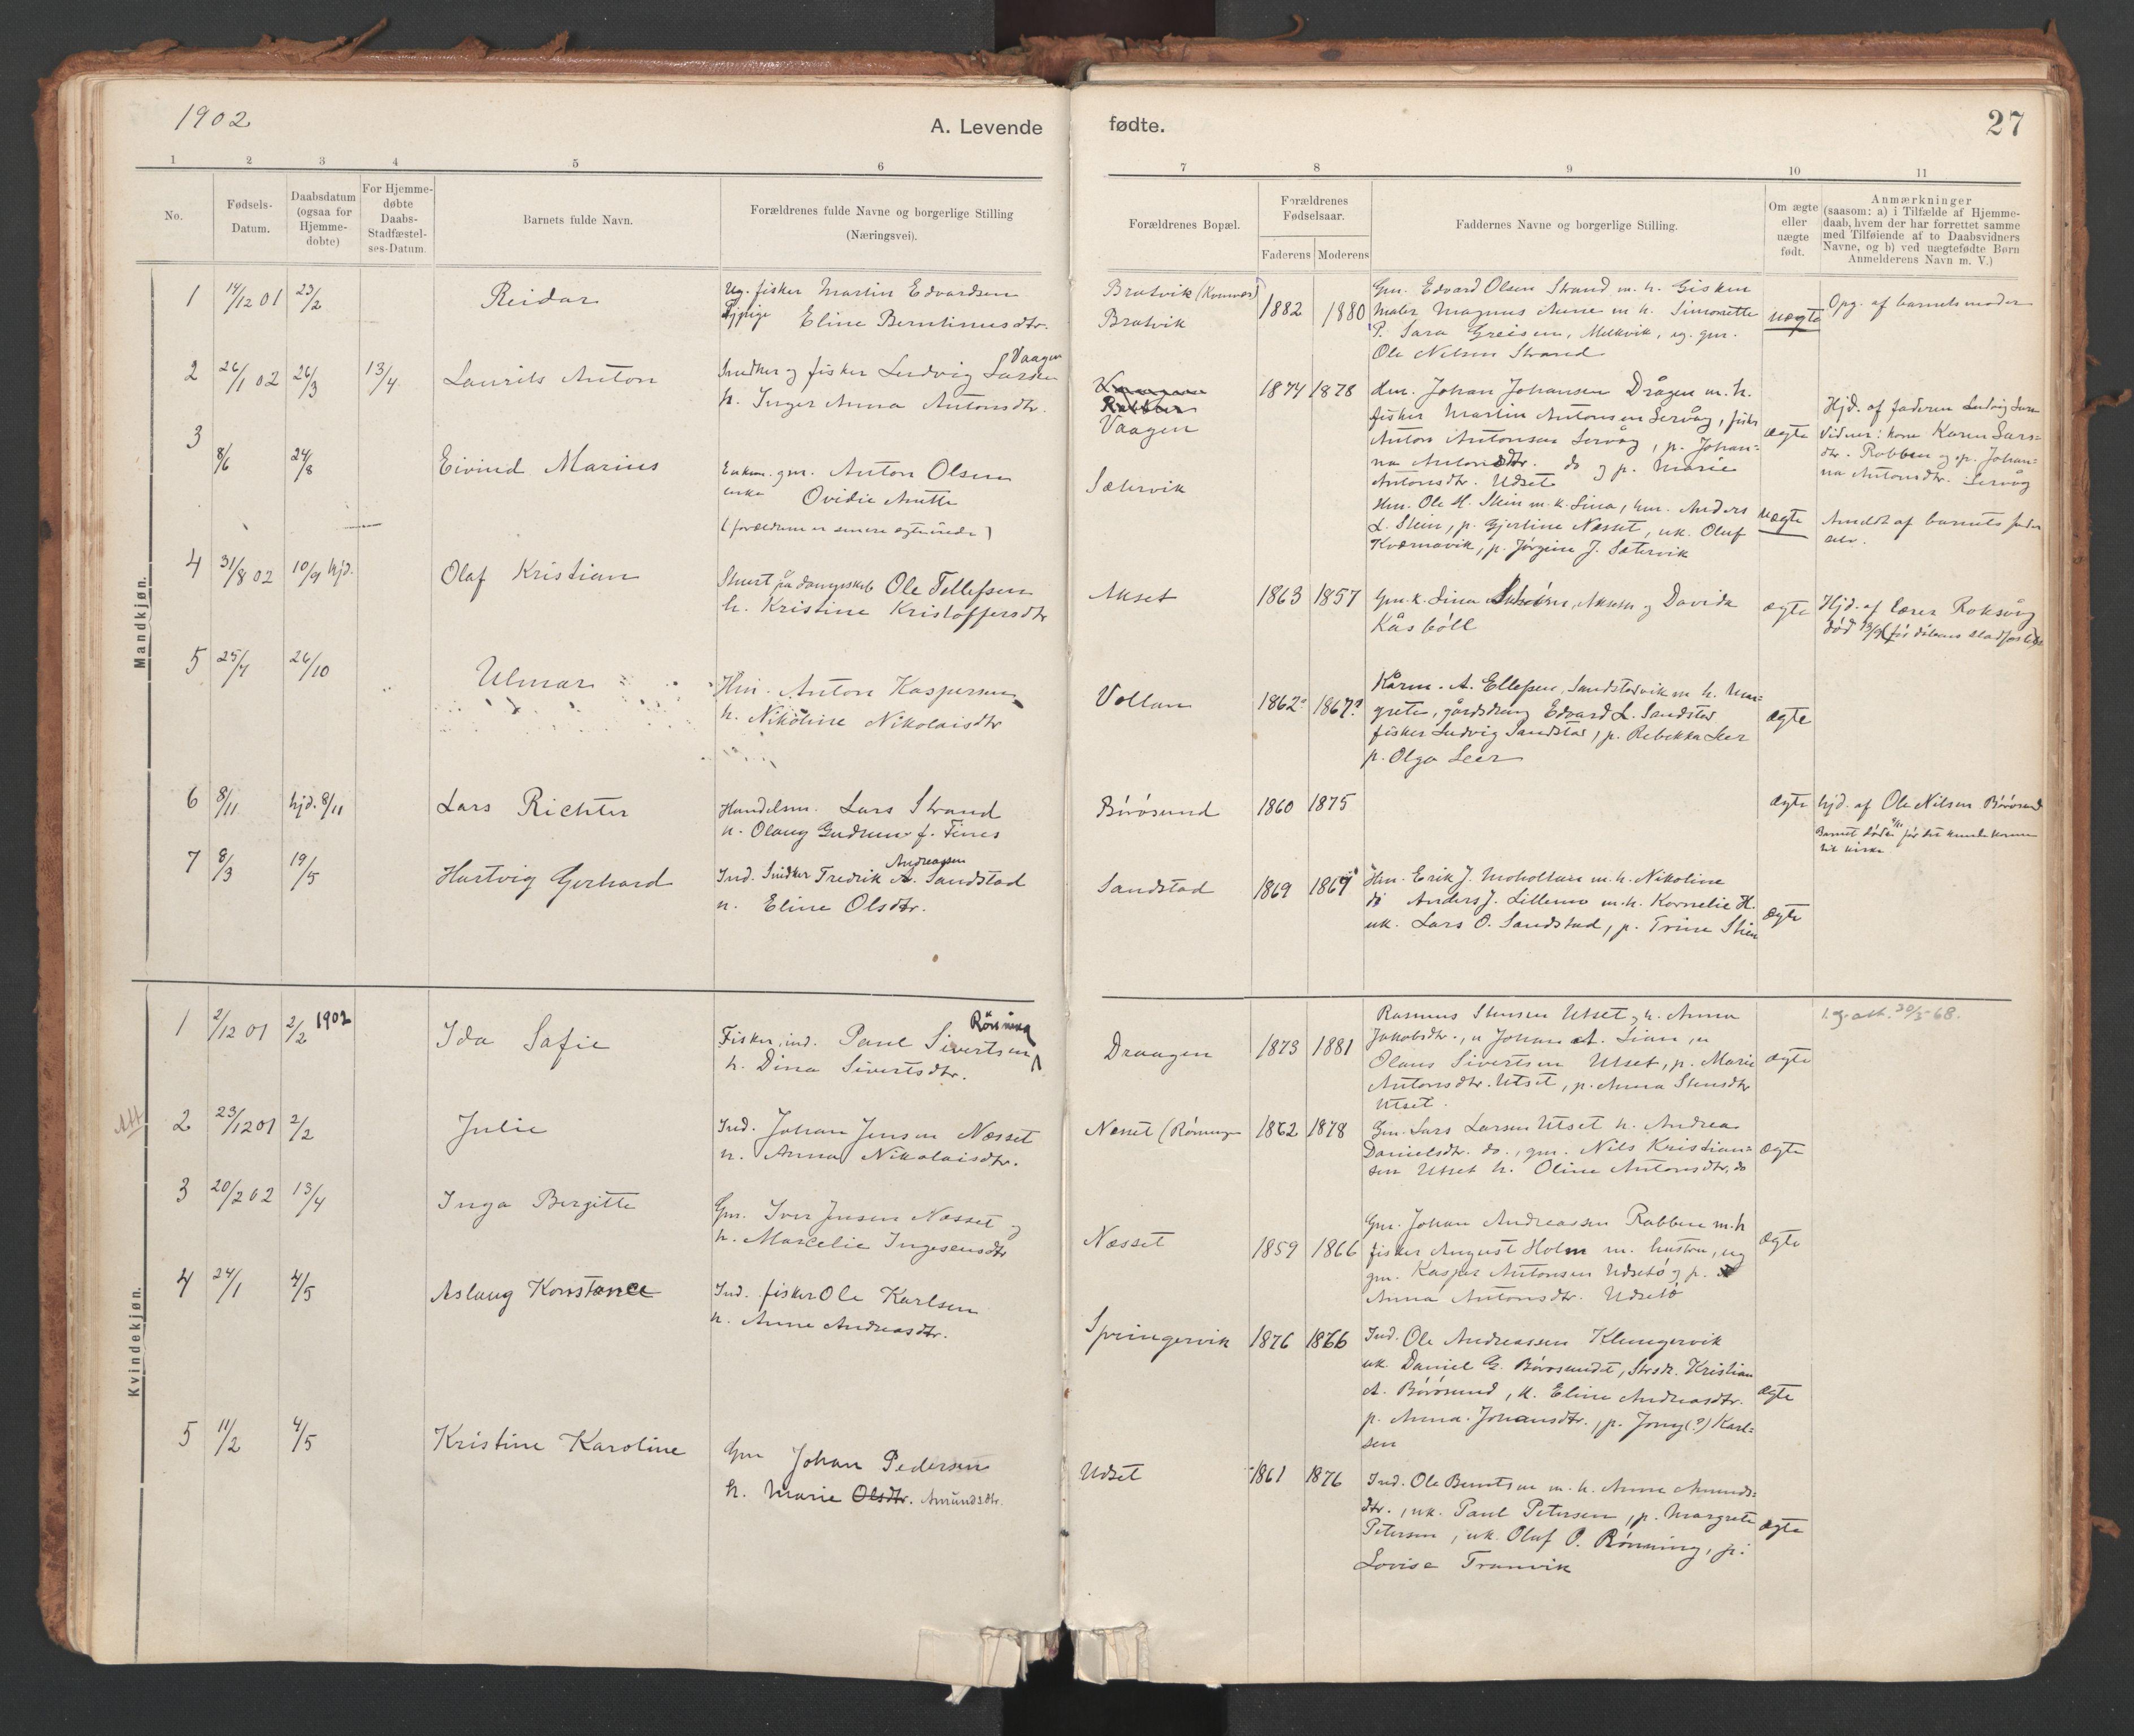 SAT, Ministerialprotokoller, klokkerbøker og fødselsregistre - Sør-Trøndelag, 639/L0572: Ministerialbok nr. 639A01, 1890-1920, s. 27